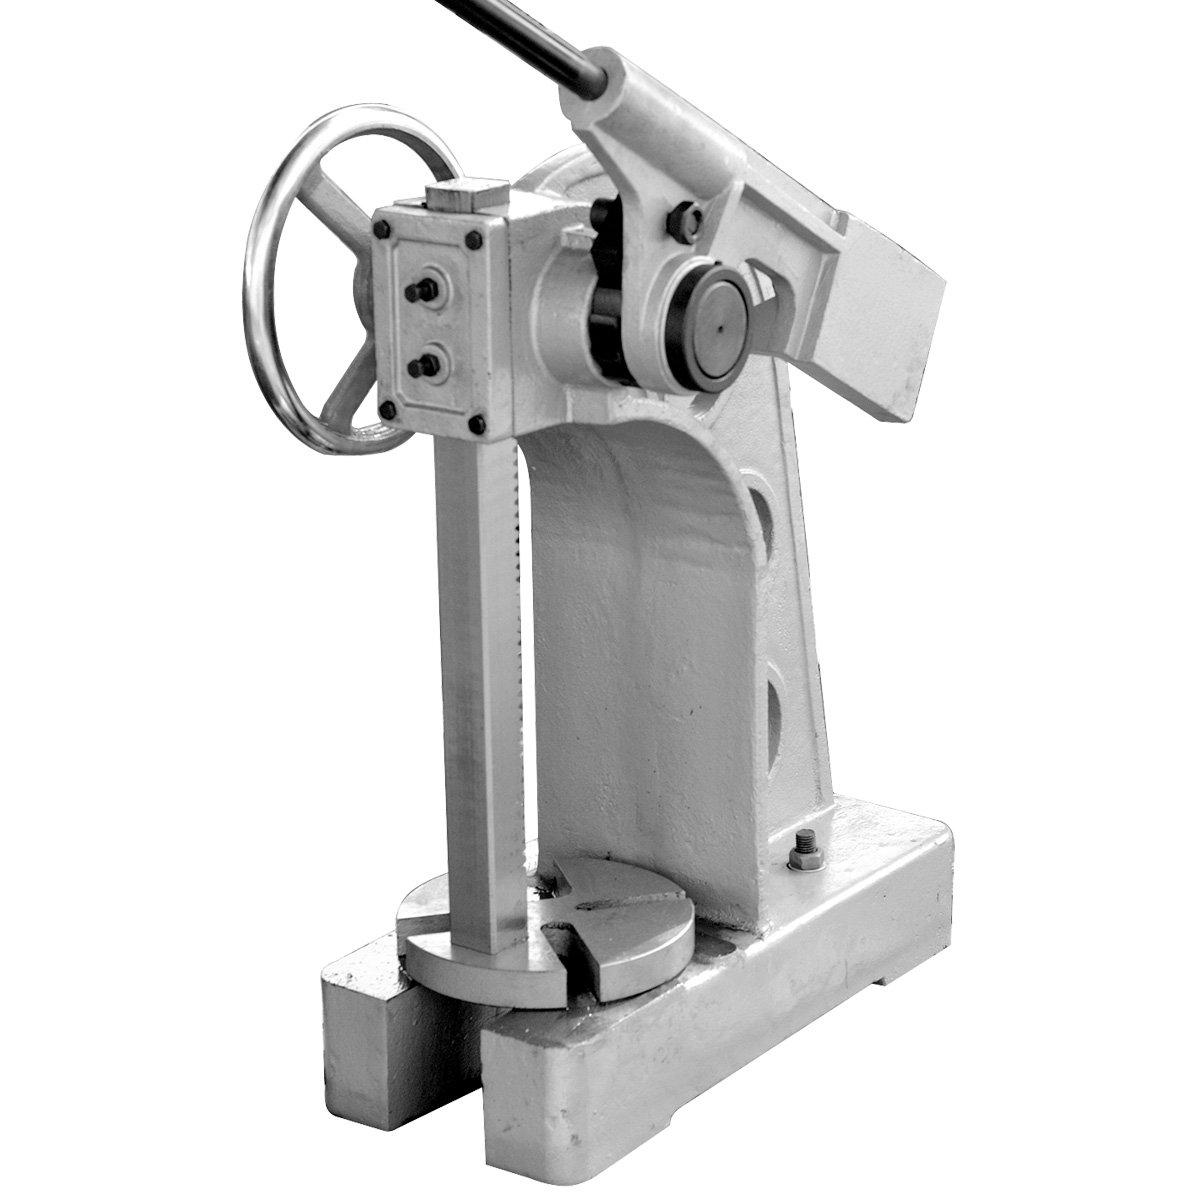 3 TON RATCHET TYPE ARBOR PRESS (8600-3401)